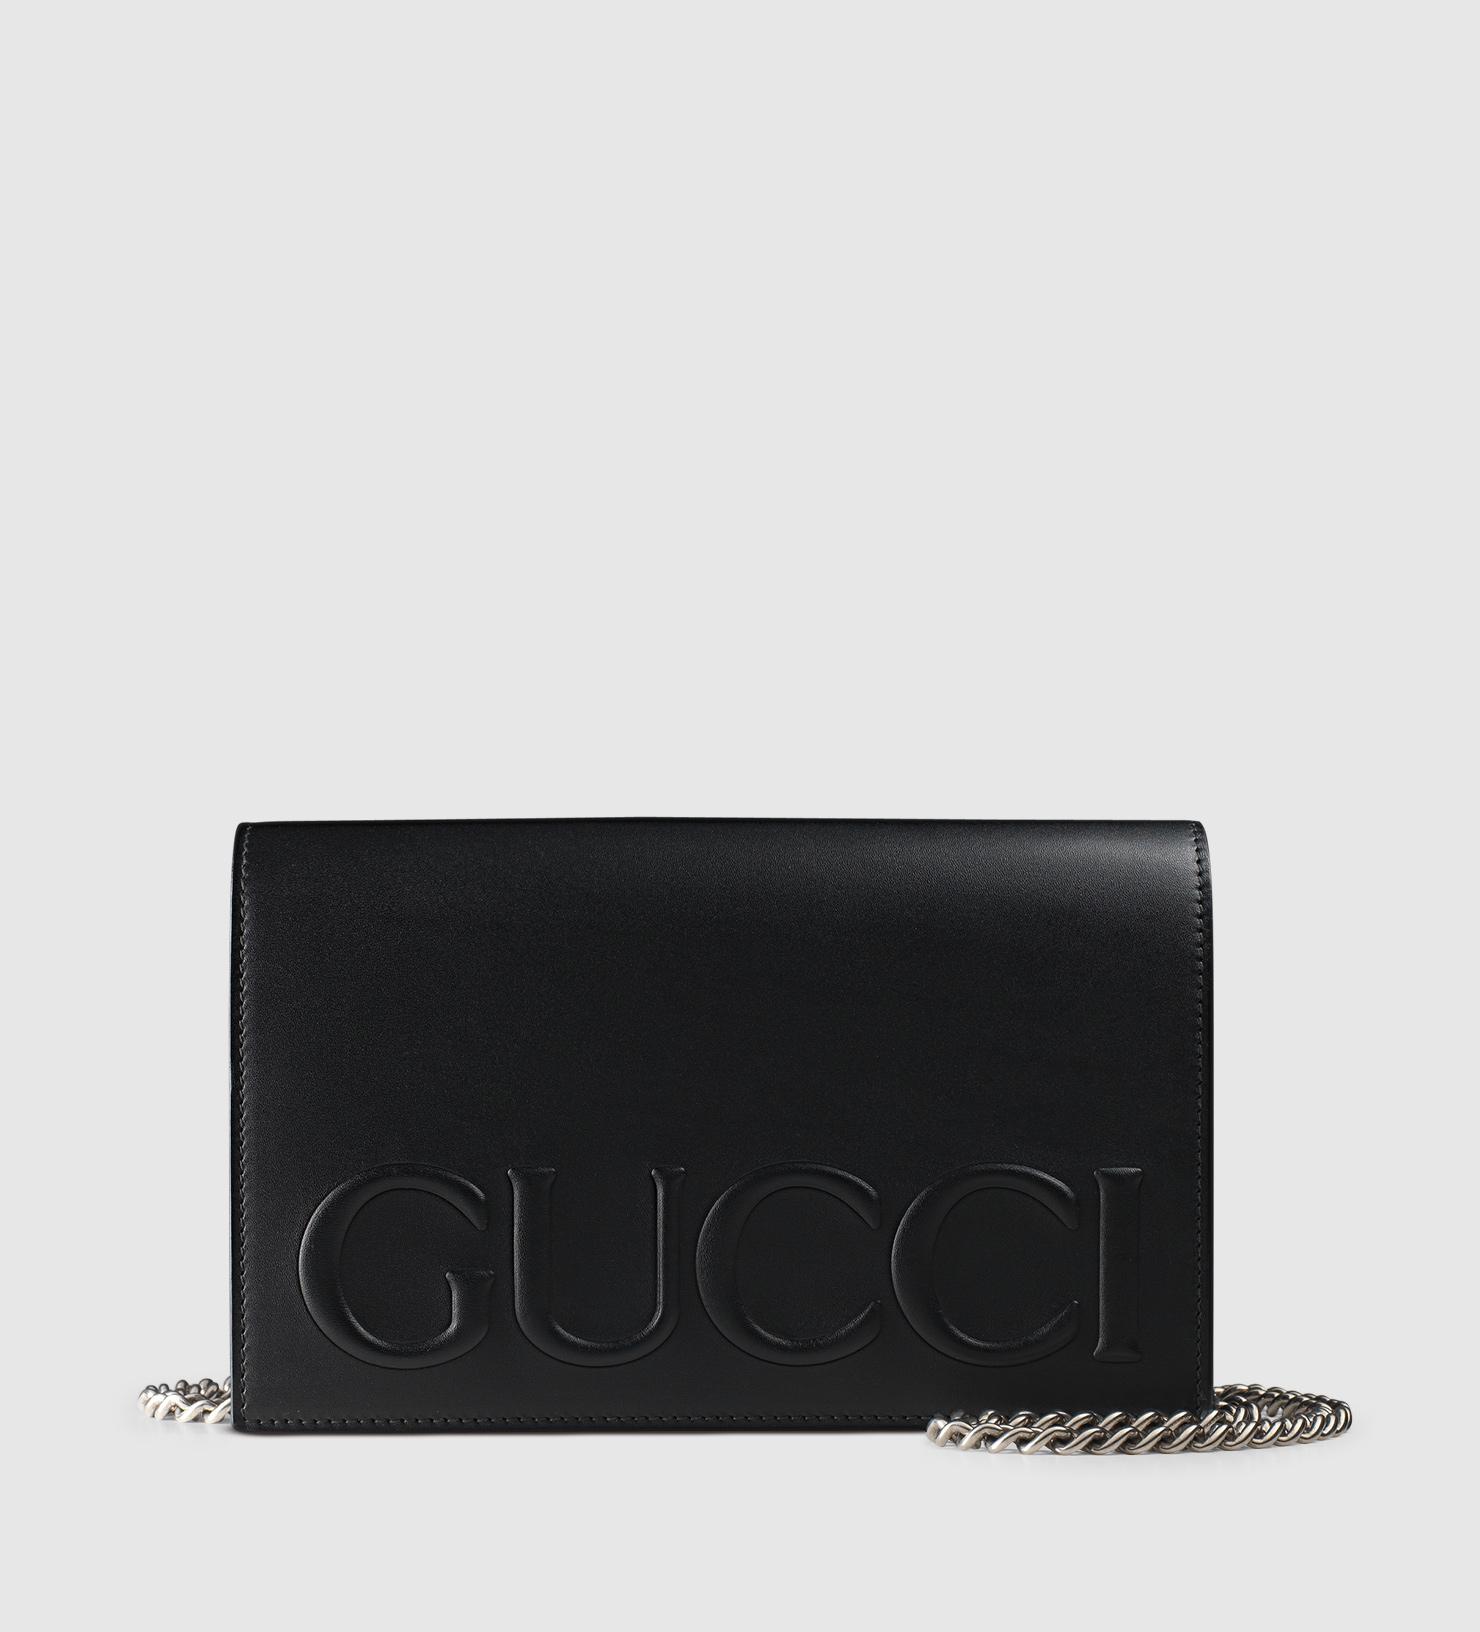 47af49326 Gucci Xl Leather Mini Bag in Black - Lyst